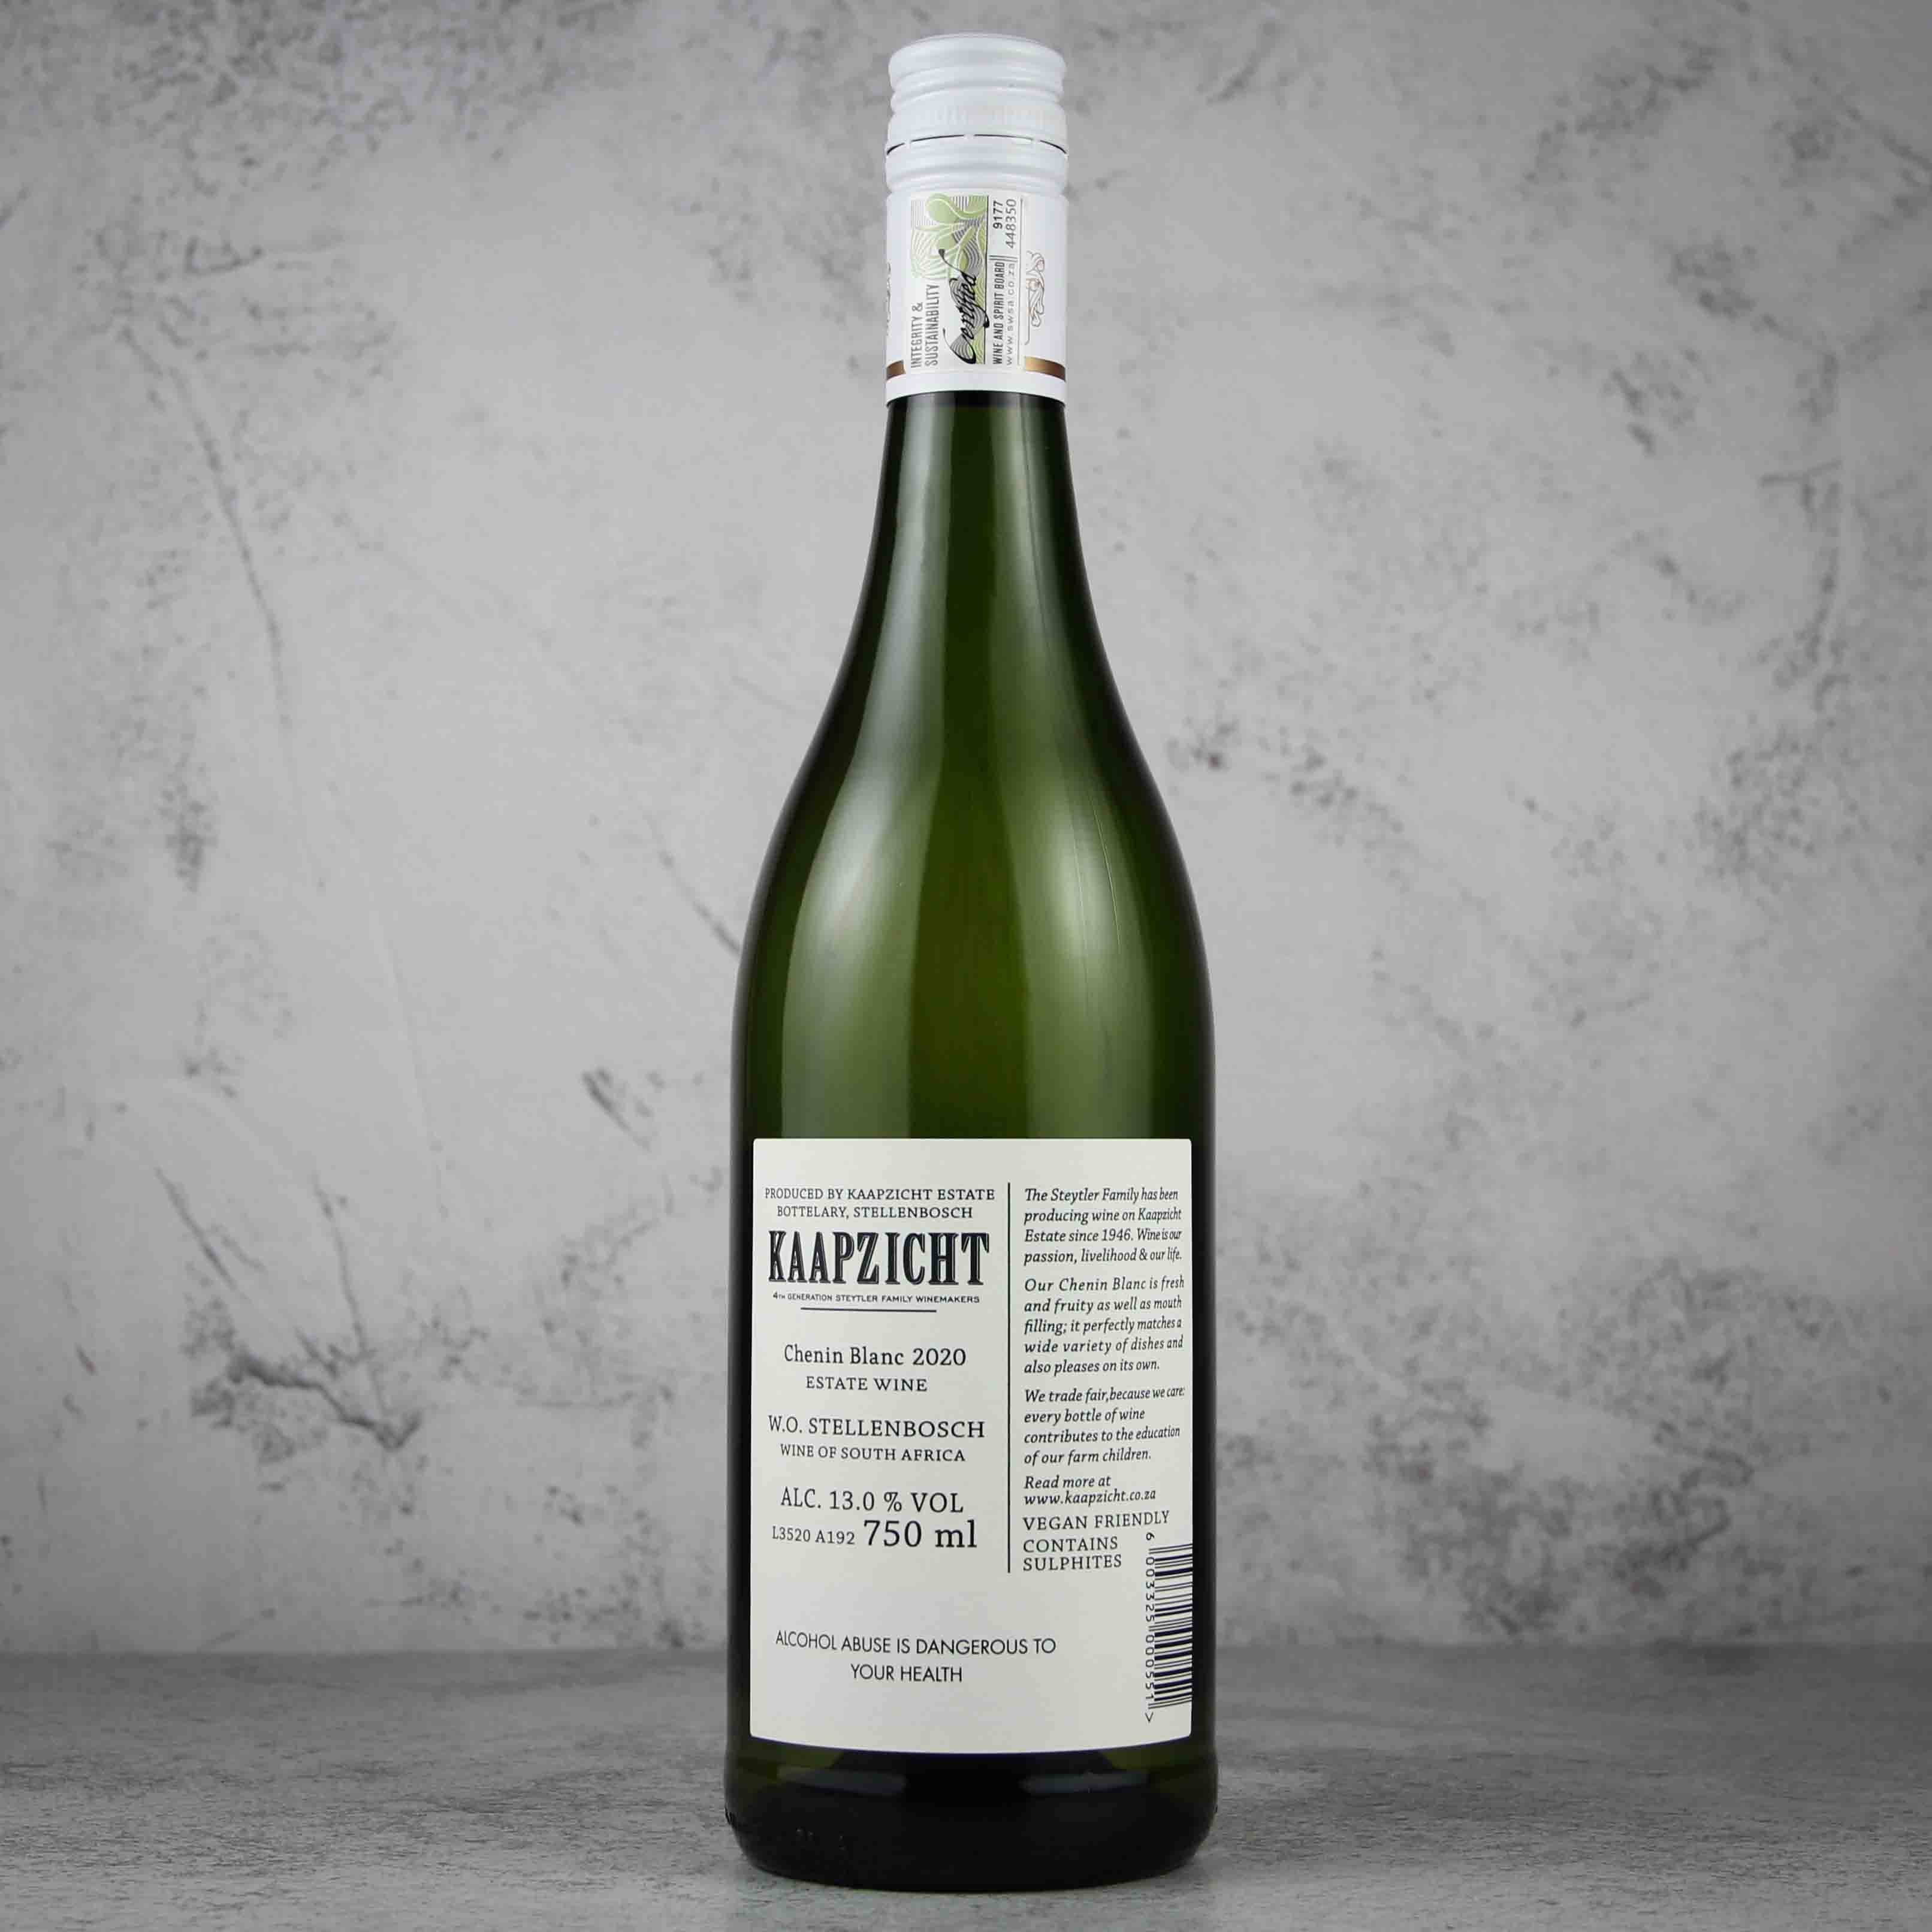 南非斯泰伦博斯桌山庄园白诗南白葡萄酒